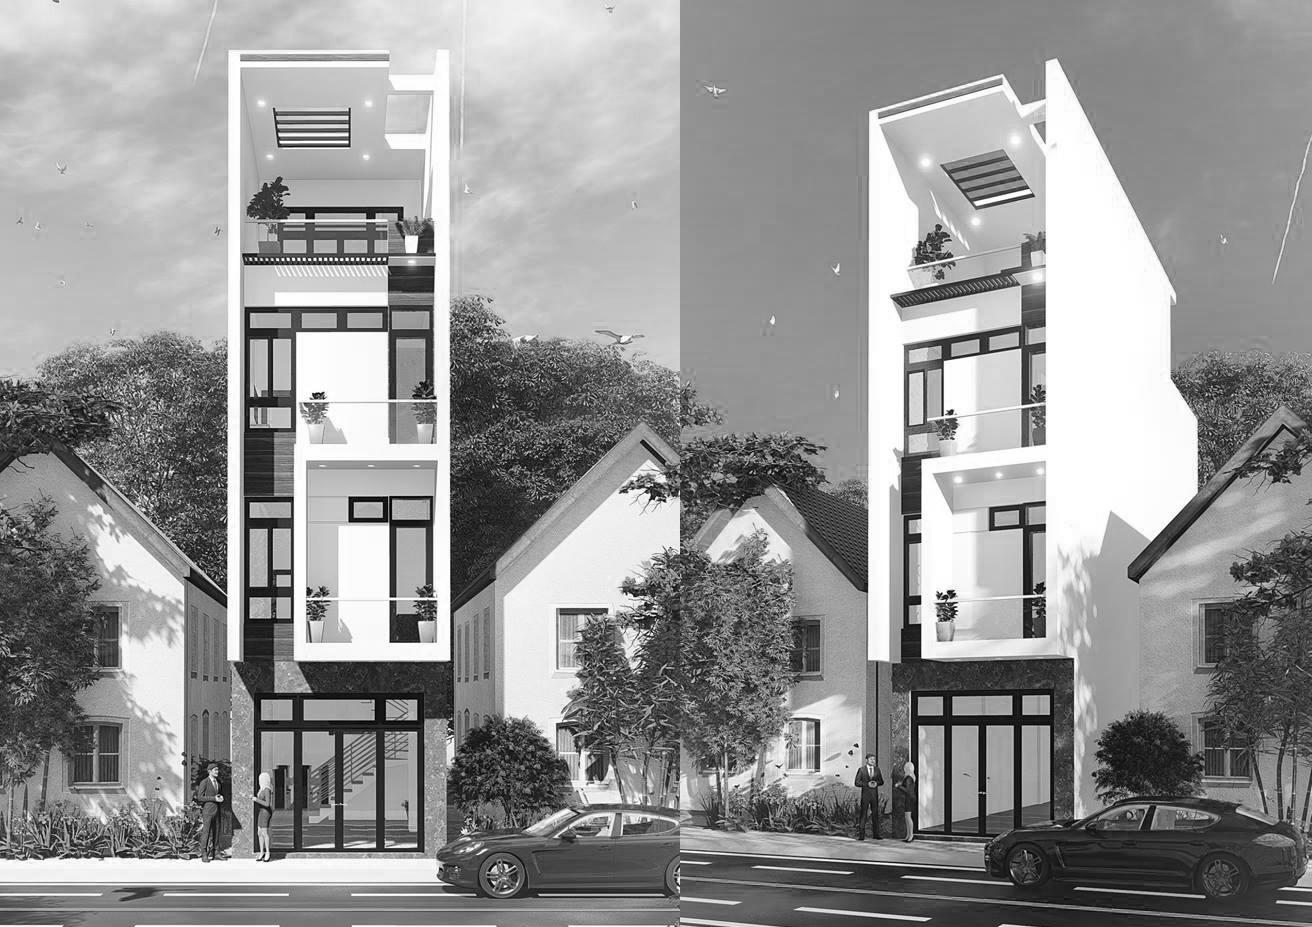 khoa hoc revit architecture cap toc giá rẻ tại gò vấp